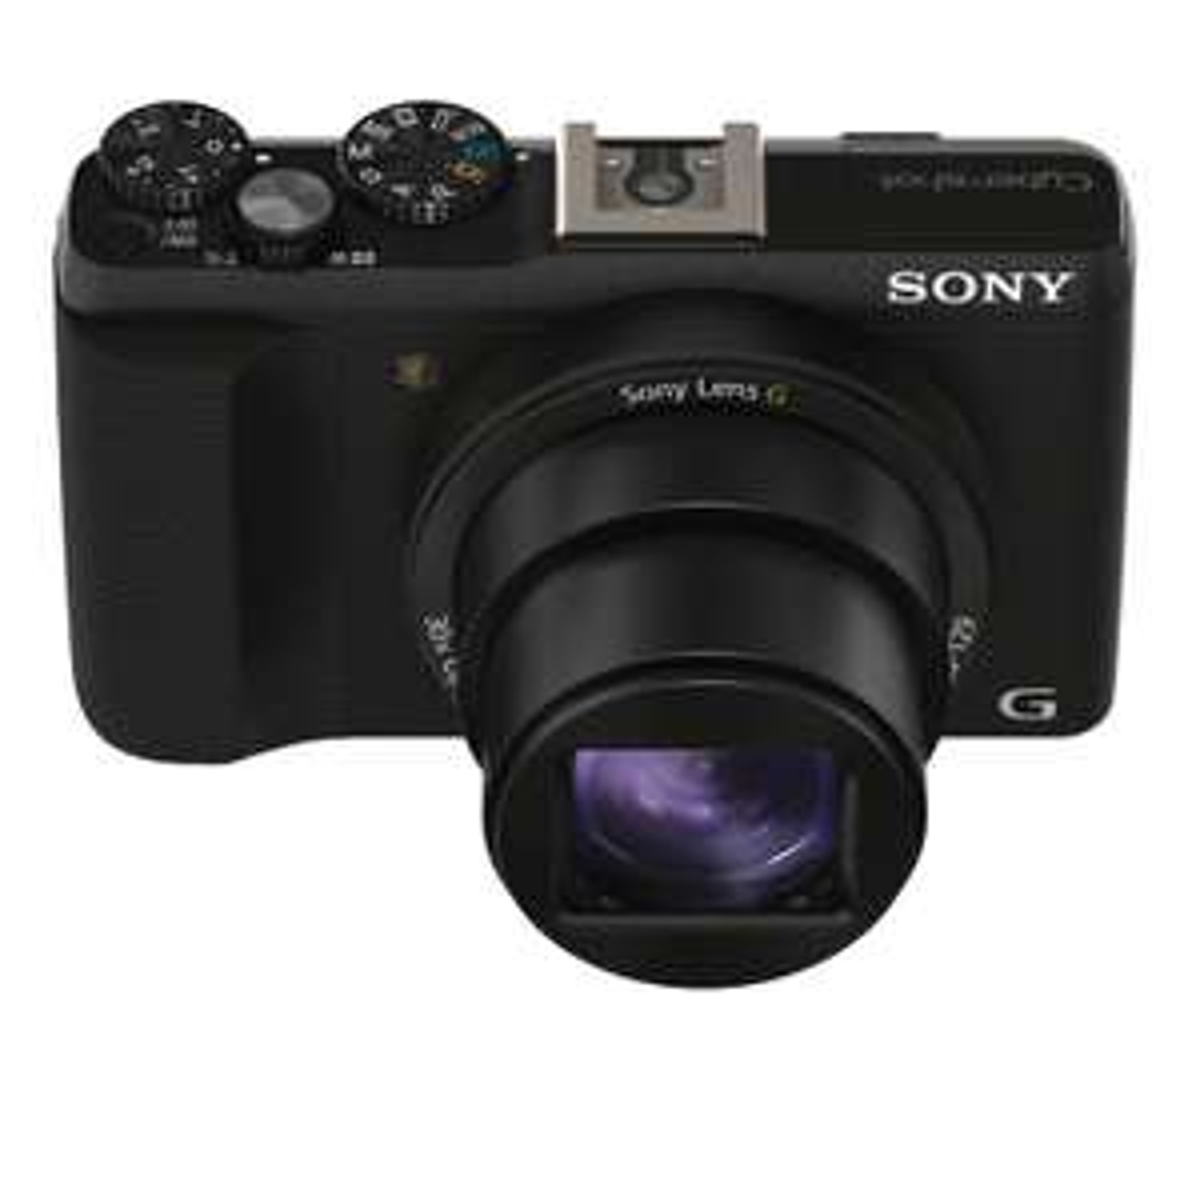 Appareil photo Sony DSCHX60B - 20,4 Mpix Zoom optique 30x Wi-Fi/HDMI/USB Noir